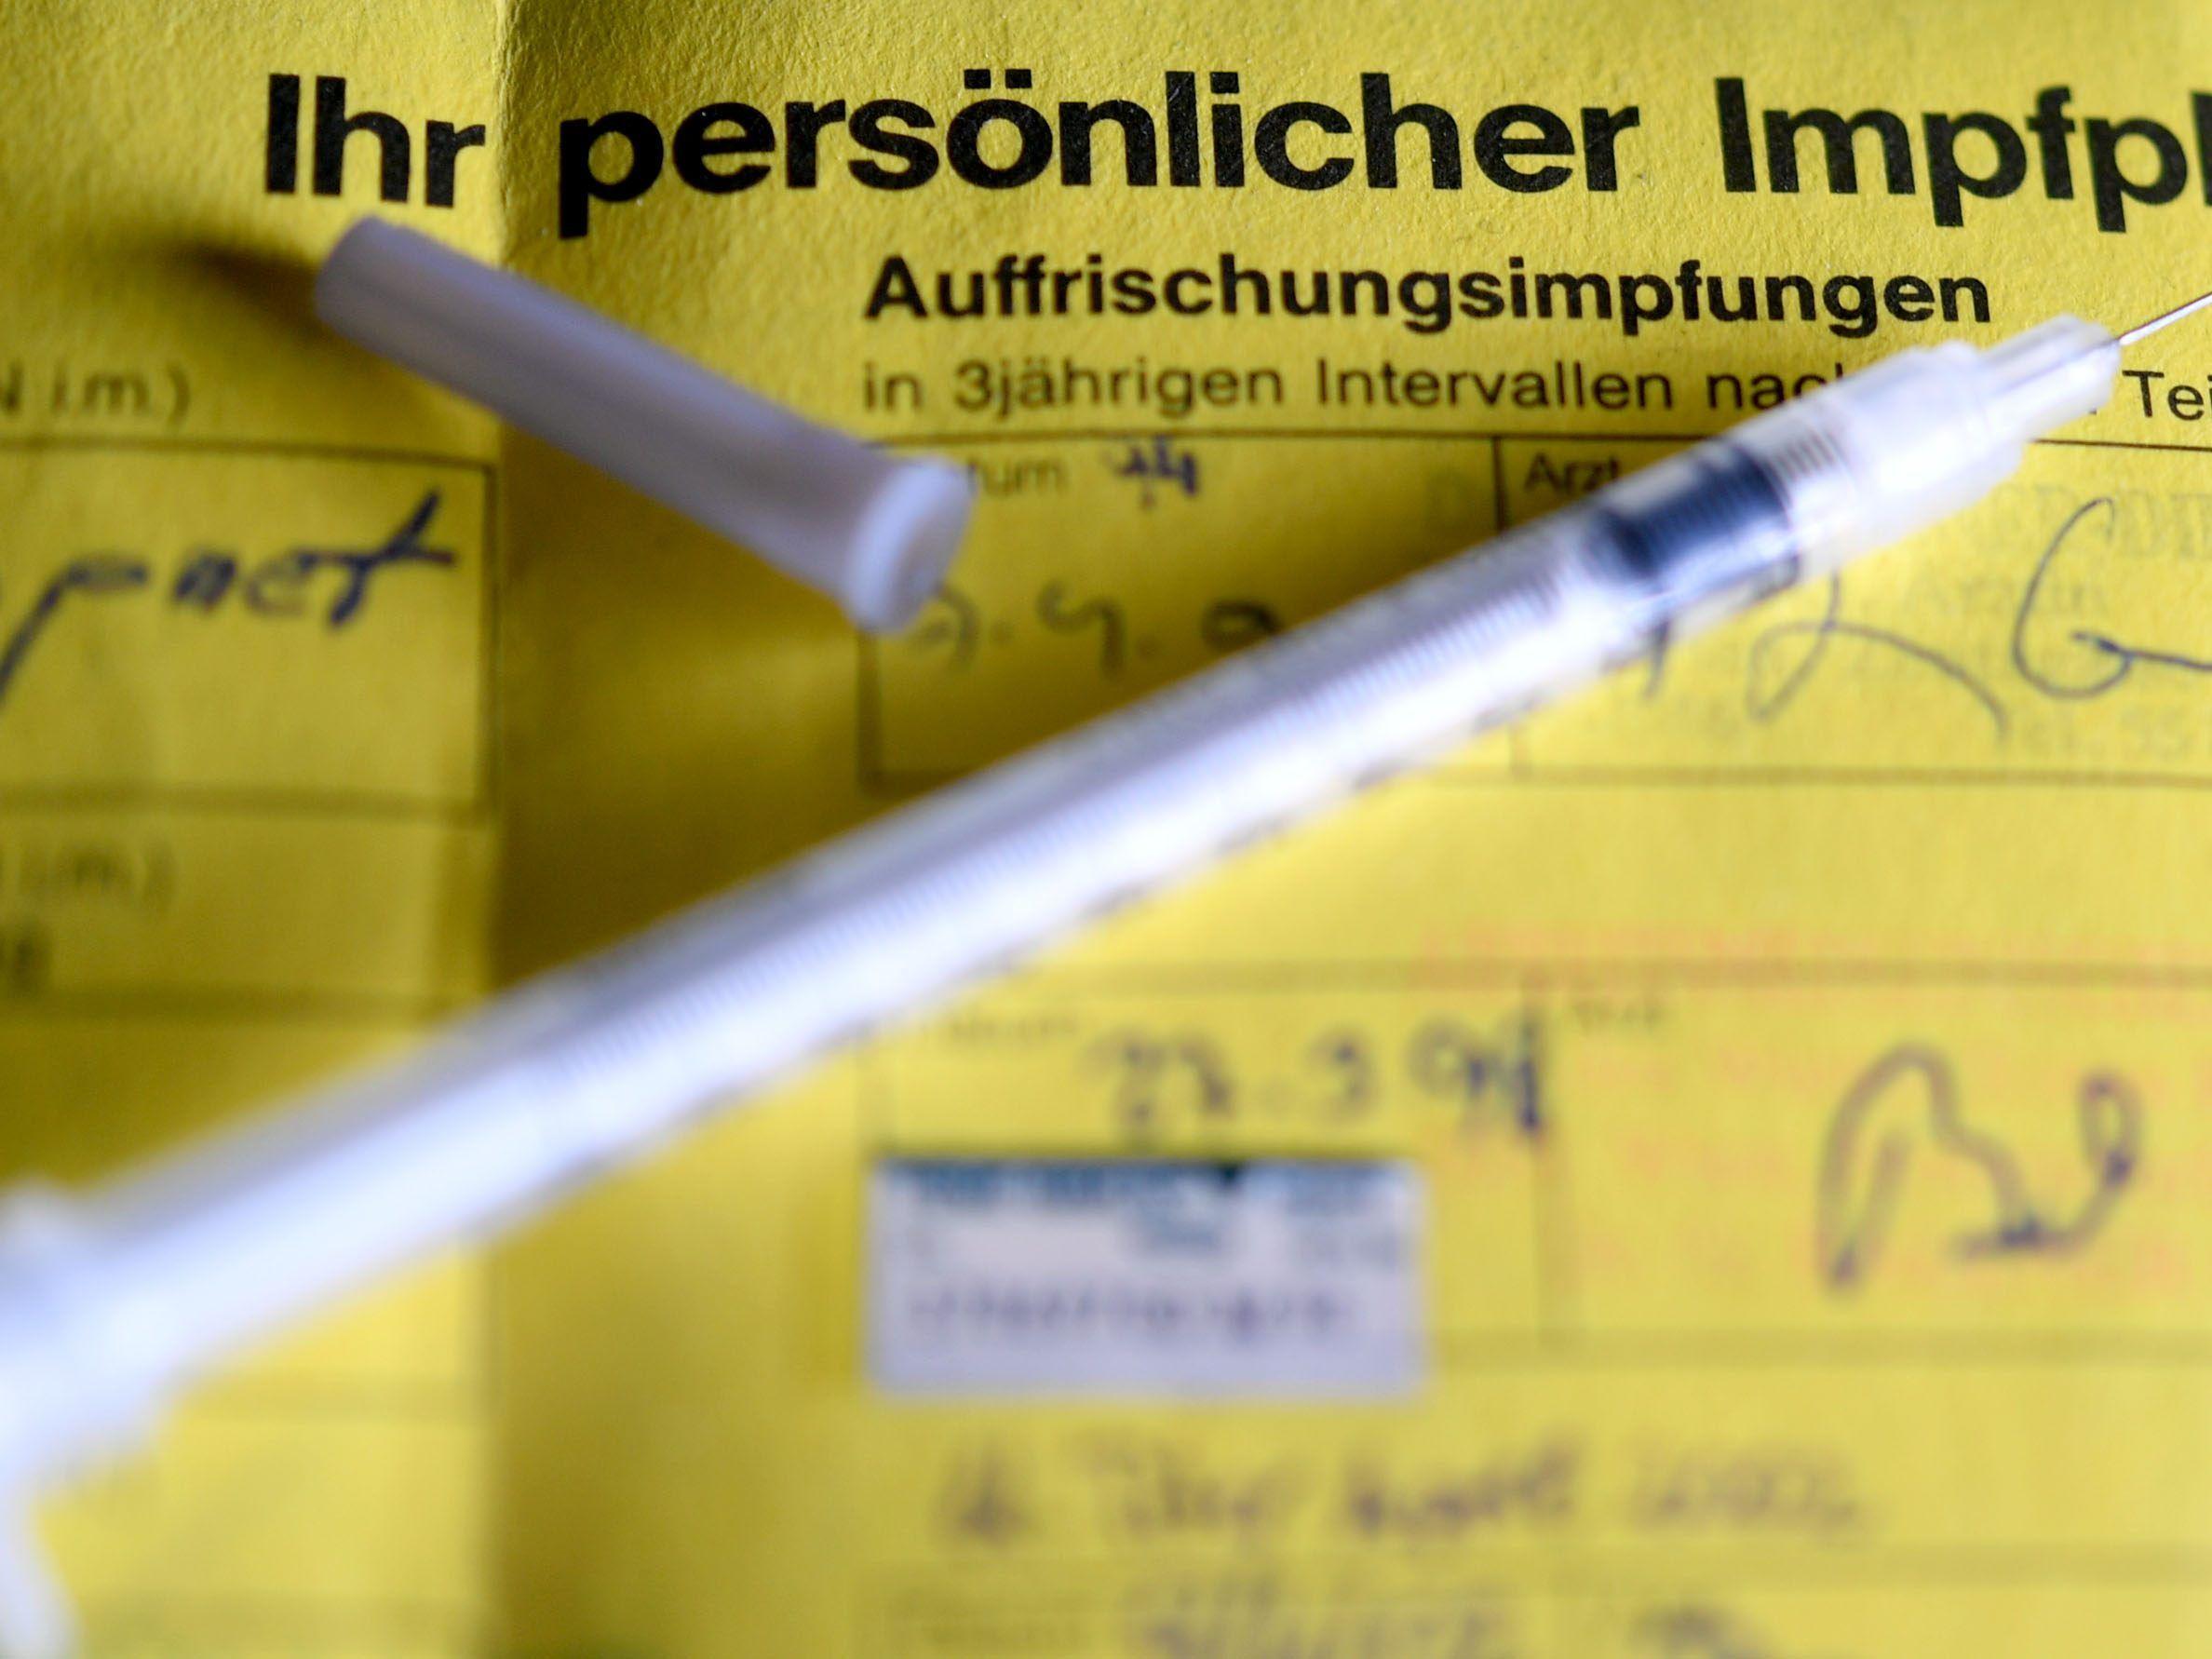 hpv impfung gratis osterreich)